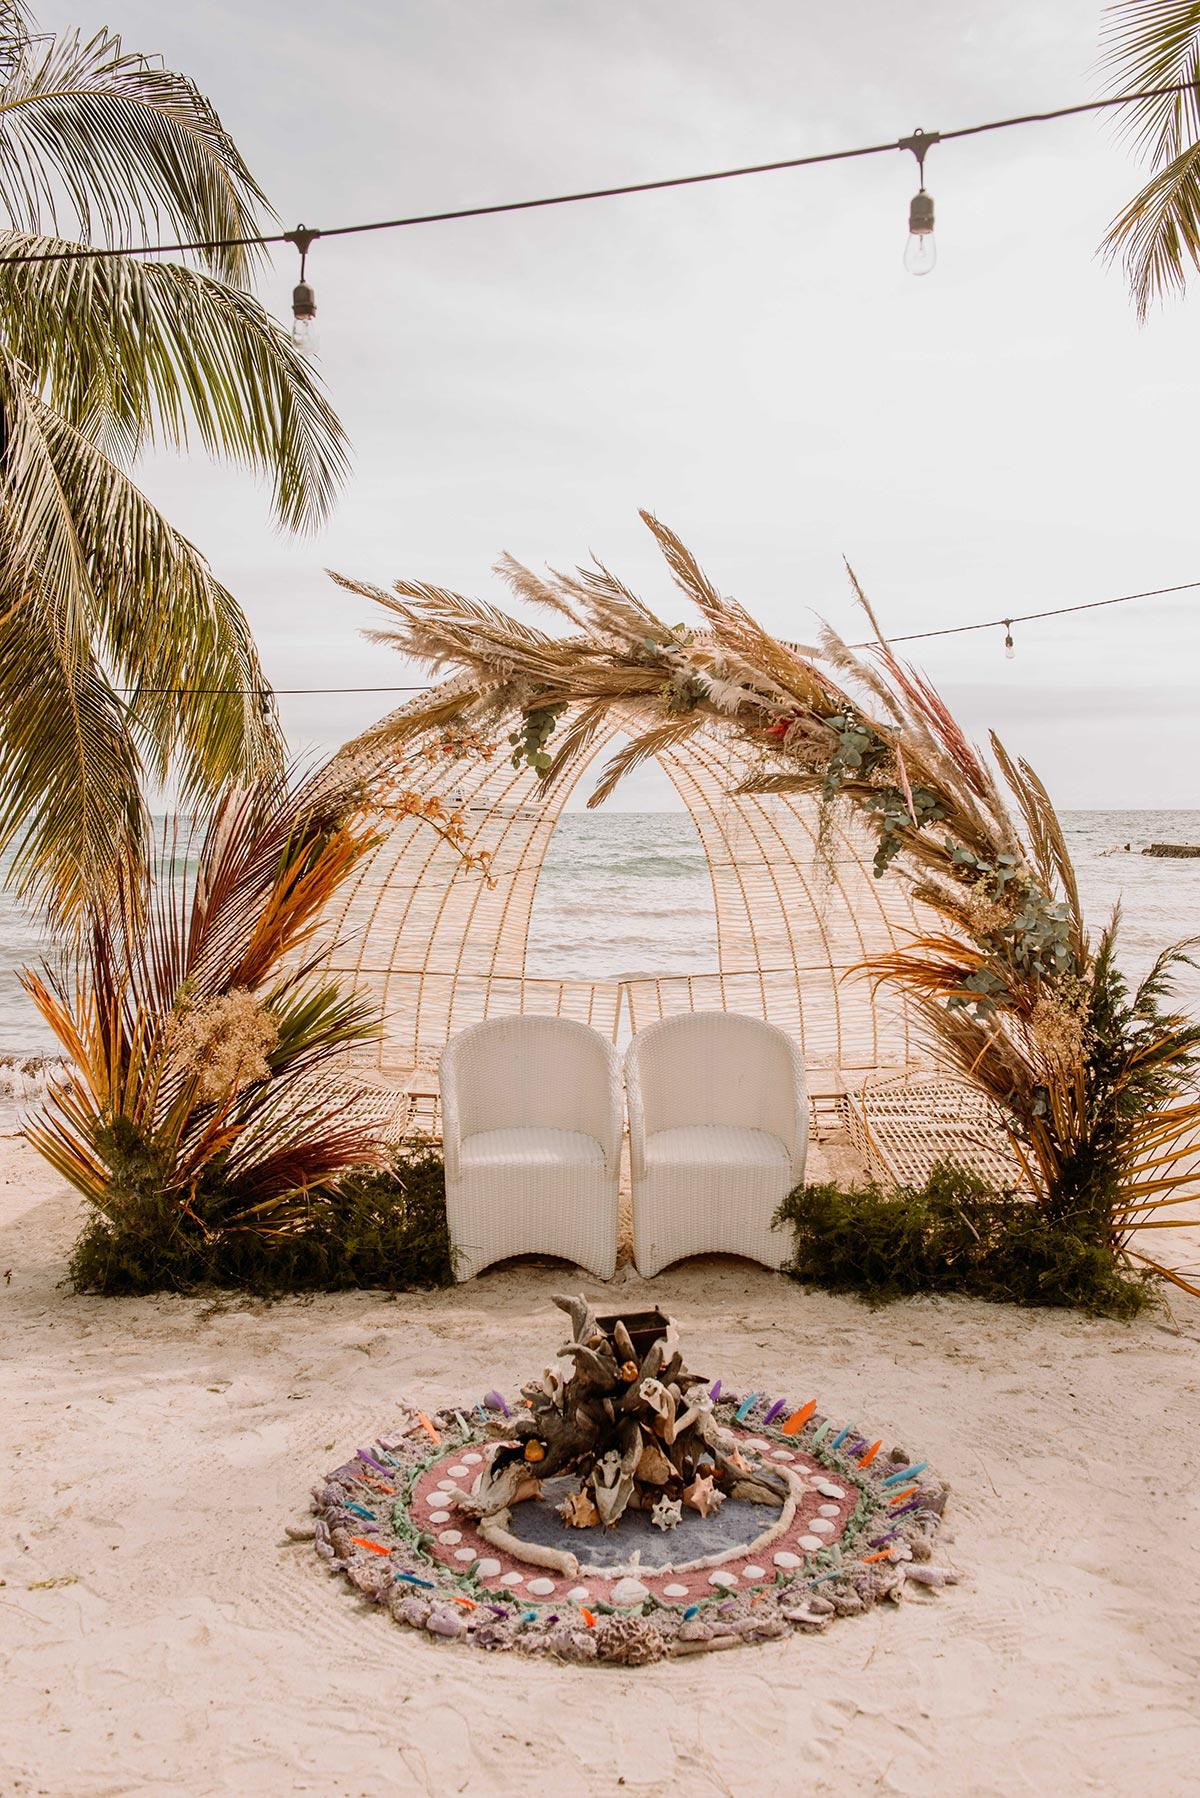 Ceremonia espiritual con decoracion de plumas en la playa Boda en una isla de Colombia. Luau Party | Bodas de Cuento